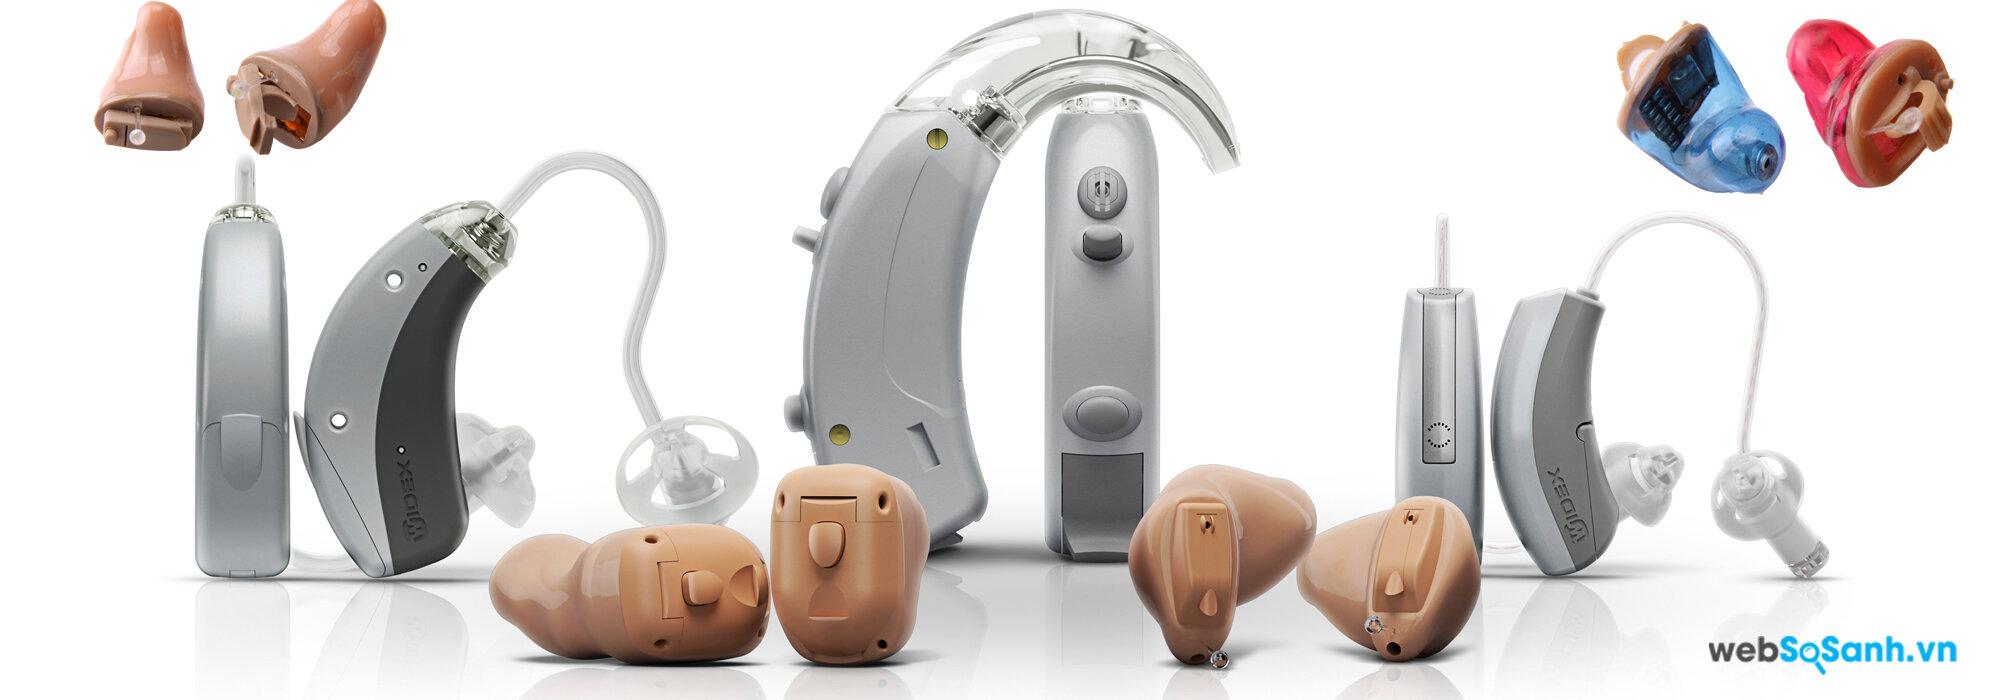 Có những loại máy trợ thính nào?